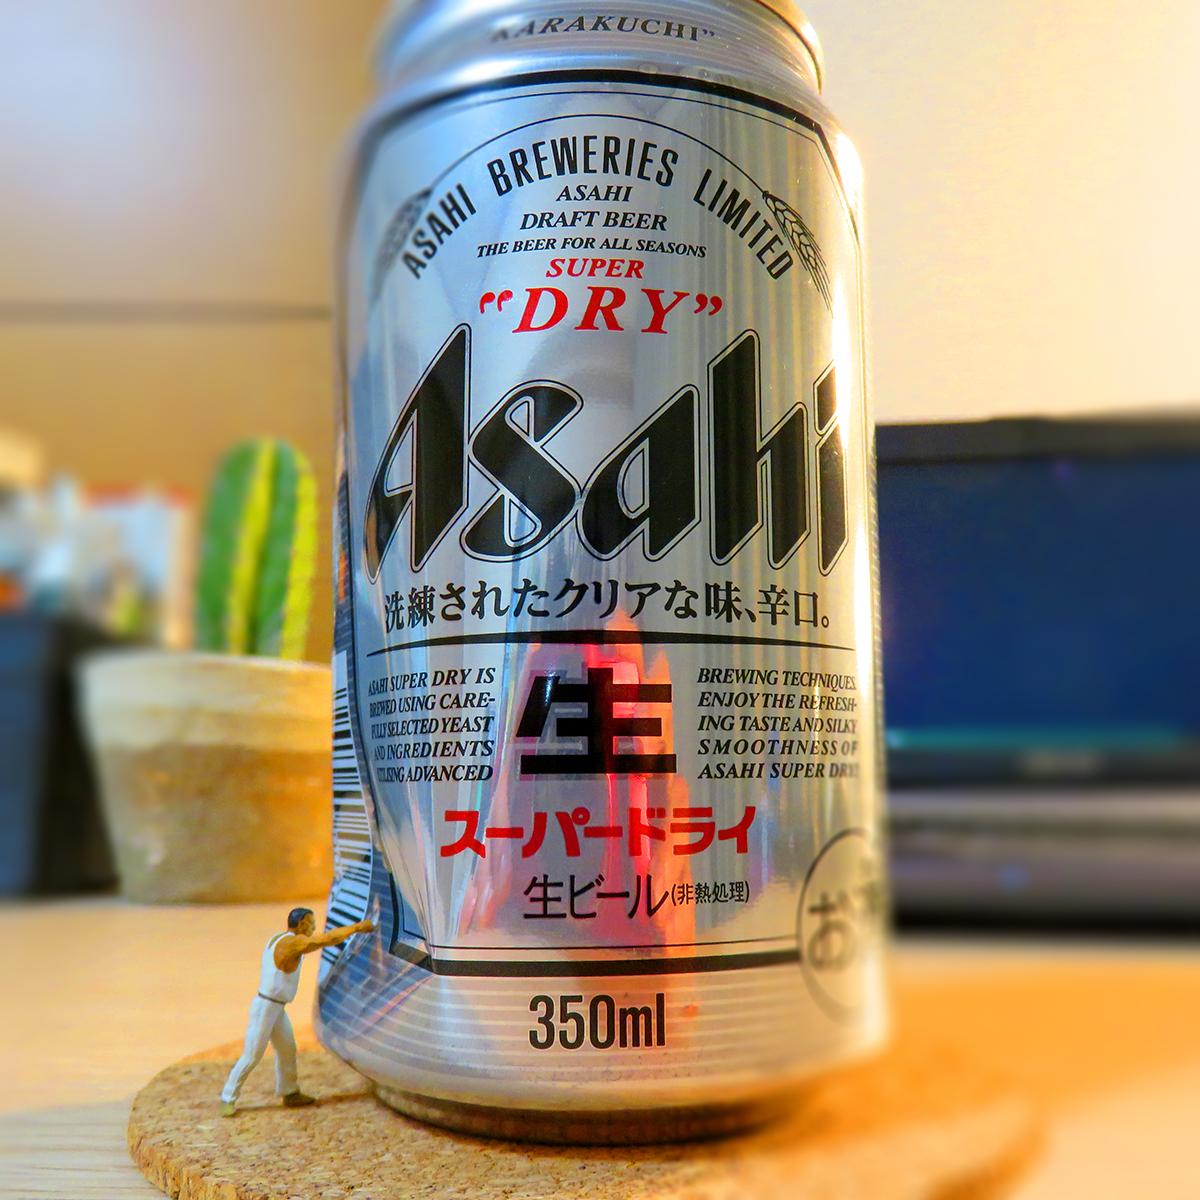 アサヒスーパードライの缶にパンチする格闘家